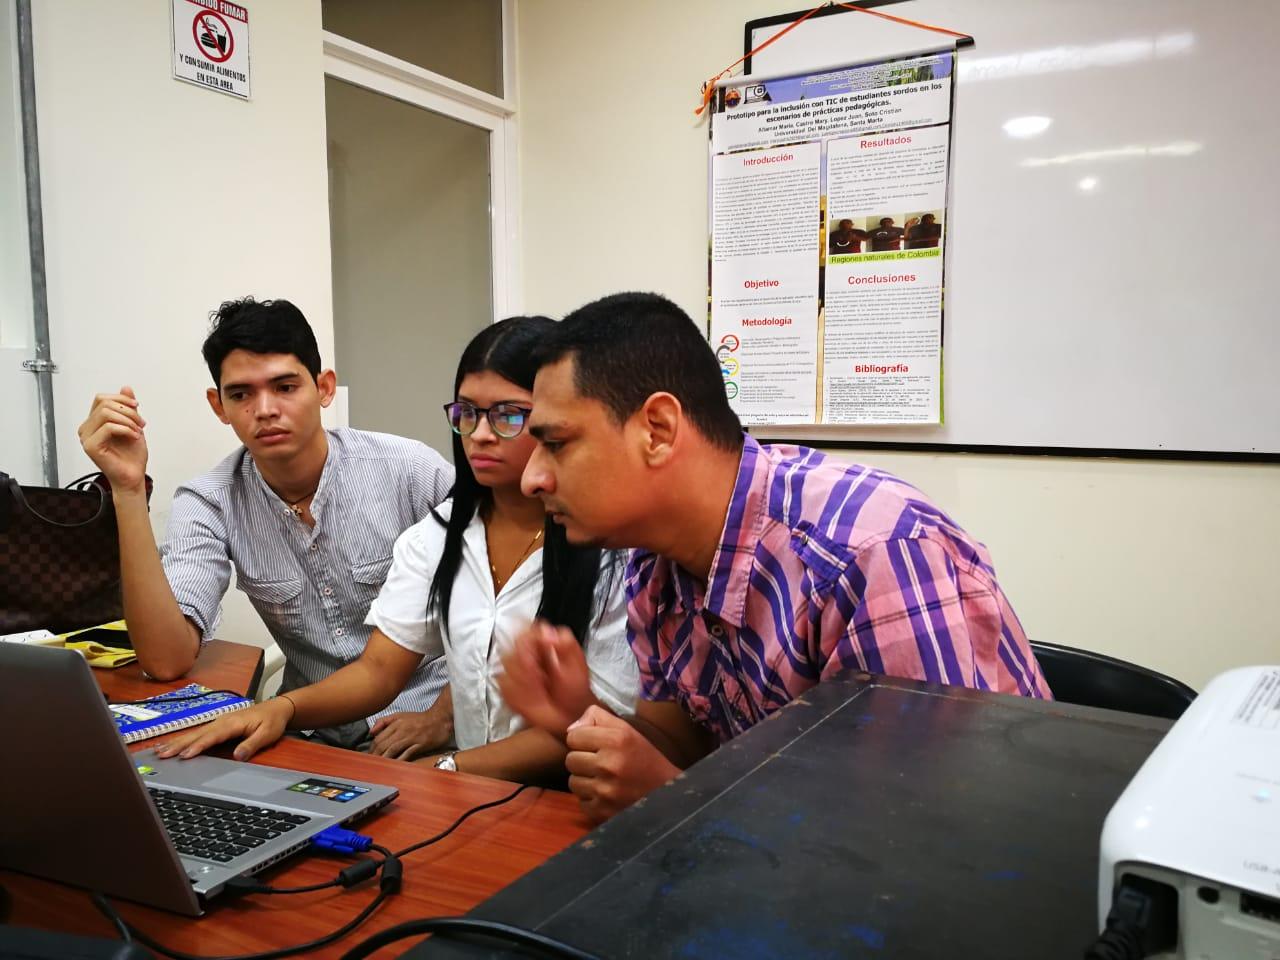 'Prototipo para la inclusión con TIC de estudiantes sordos en los escenarios de prácticas pedagógicas' tiene la capacidad de ser implementado como herramienta metodológica sobre diferentes contenidos.